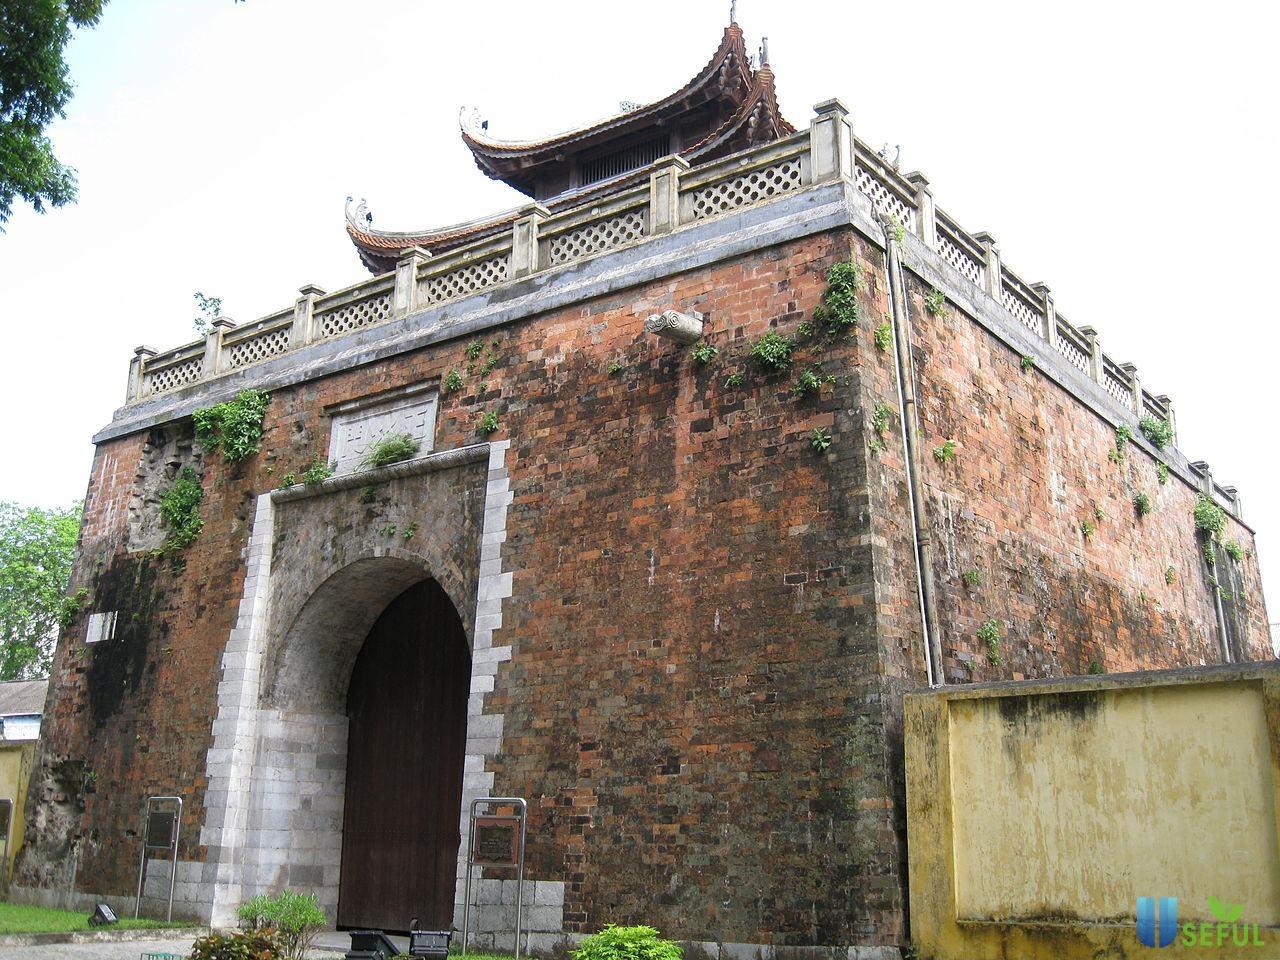 Hoàng thành Thăng Long mang ý nghĩa nghìn năm lịch sử